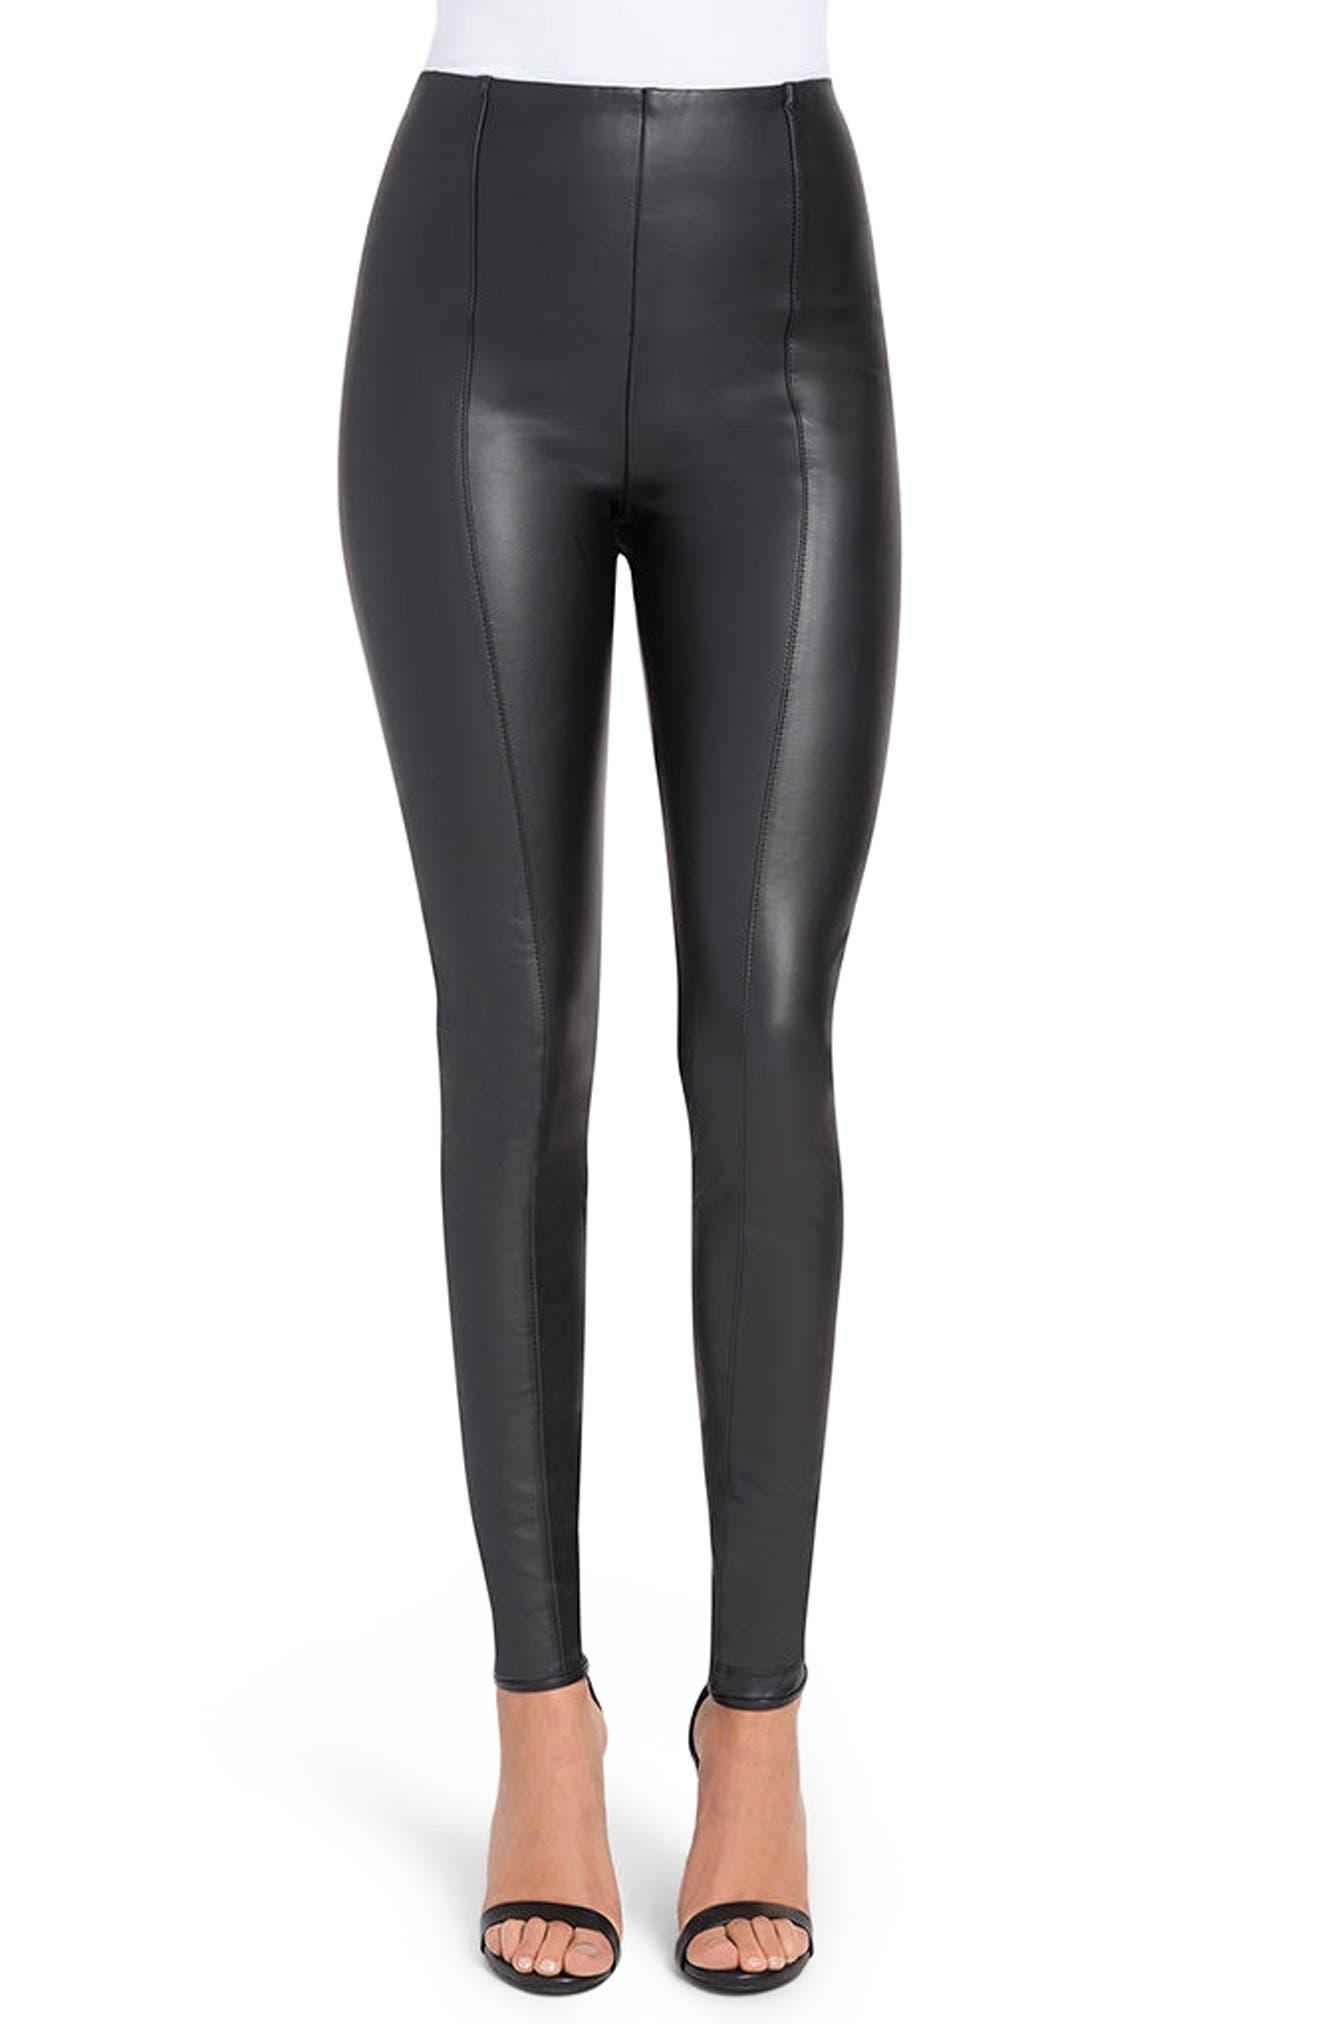 Lyssé High Waist Faux Leather Leggings | Nordstrom